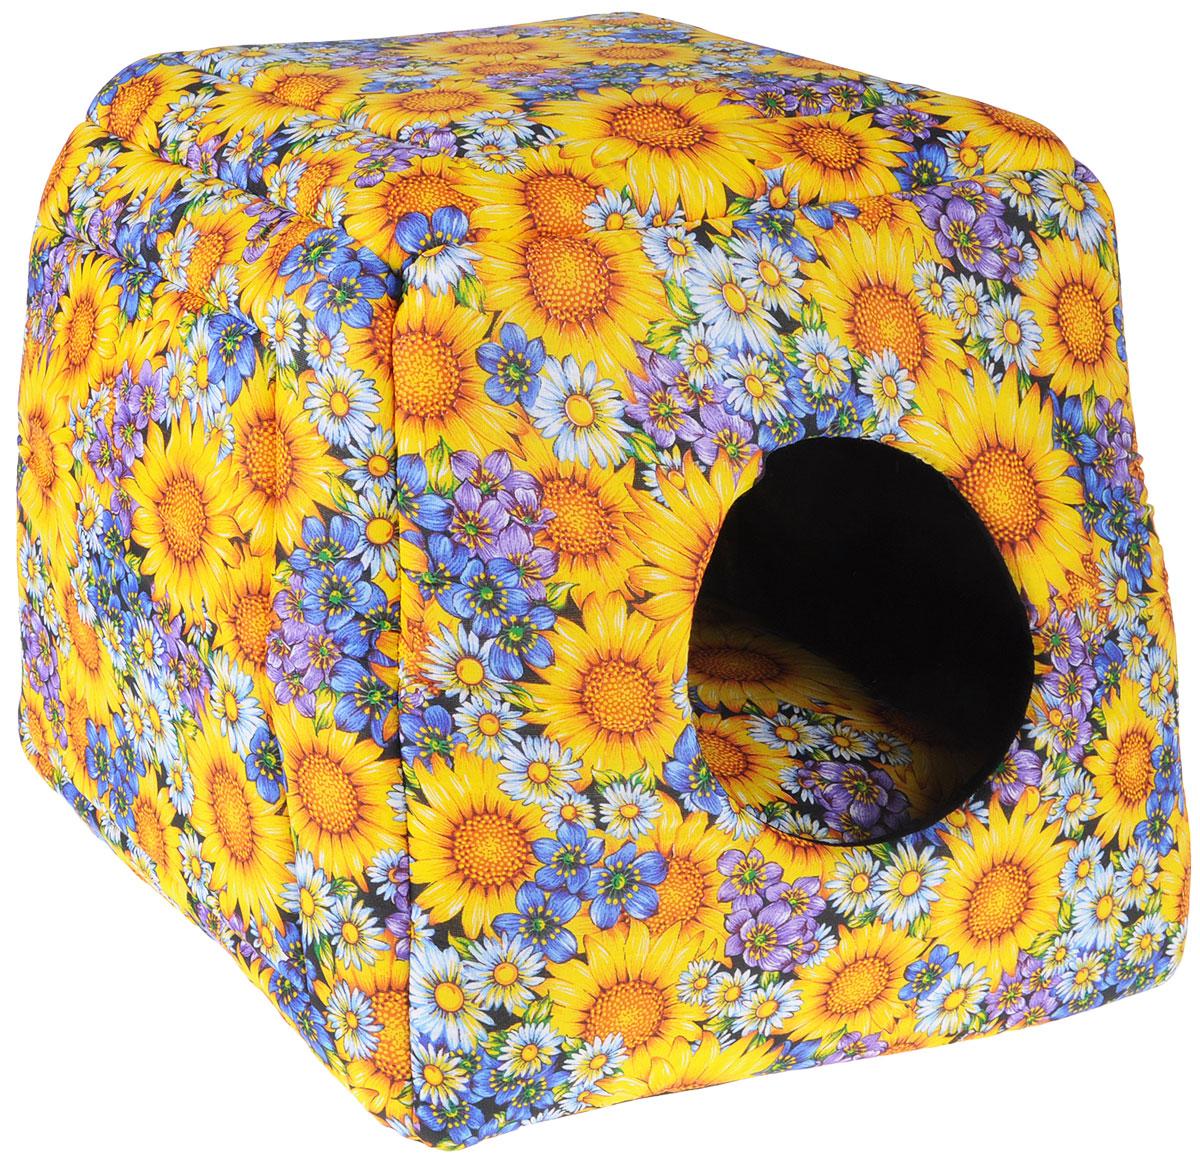 Домик-трансформер для животных Грызлик Ам Подсолнухи, 40 x 40 x 40 см40.GR.121Домик-куб для животных Грызлик Ам обязательно понравится вашему питомцу. Изделие выполнено из высококачественного поплина с ярким цветочным принтом. В качестве наполнителя используется поролон, который прекрасно держит форму изделия. Основание и внутренняя поверхность отделана нетканым волокном. Домик снабжен круглым входом, внутри животное сможет укрыться от посторонних взглядов и отдохнуть. Преимущество изделия заключается в том, что домик легко трансформируется в лежак с высокими бортиками. Домик дополнен мягкой съемной подушкой с синтепоном внутри. Изделие подходит для кошек и собак. Уютный домик станет излюбленным местом вашего питомца, подарит ему спокойный и комфортный сон, а также убережет вашу мебель от шерсти.Размер лежака: 40 х 40 х 20 см.Размер домика: 40 х 40 х 40 см.